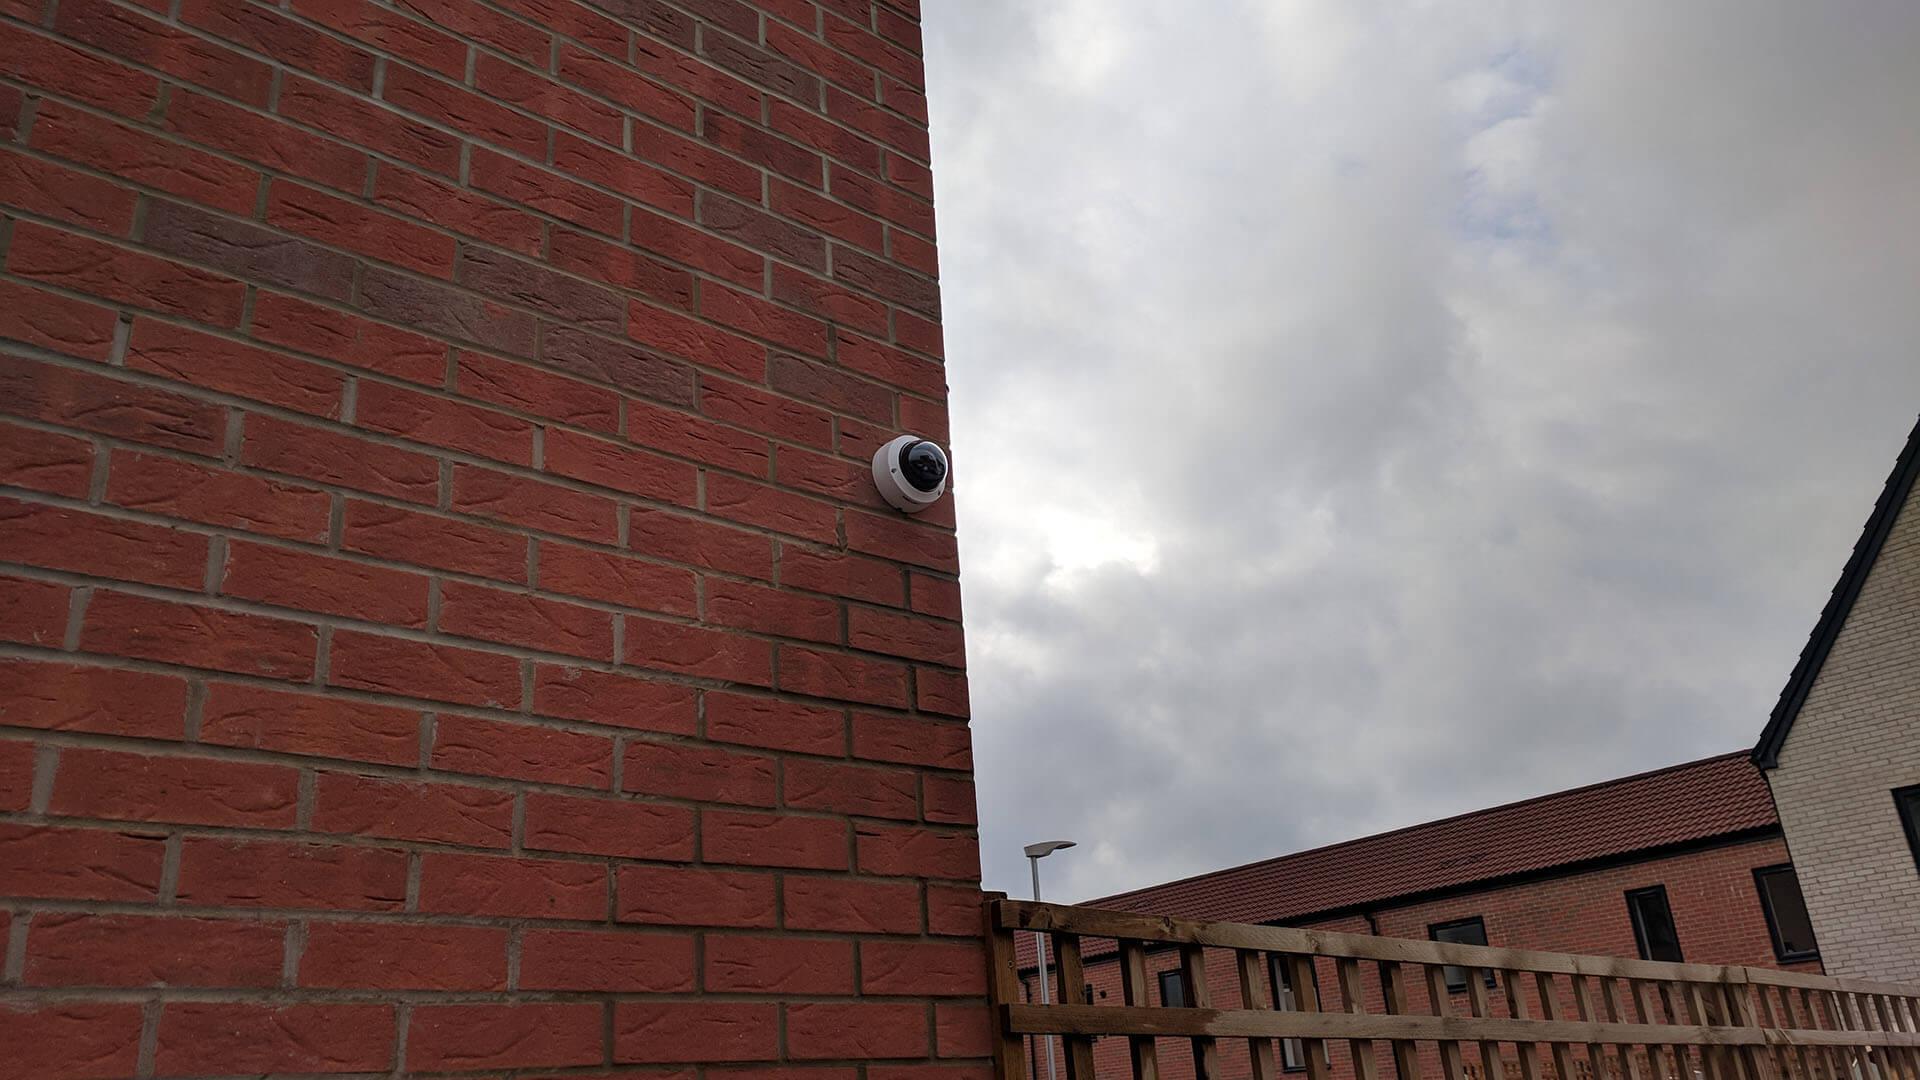 CCTV Installation in Hainault